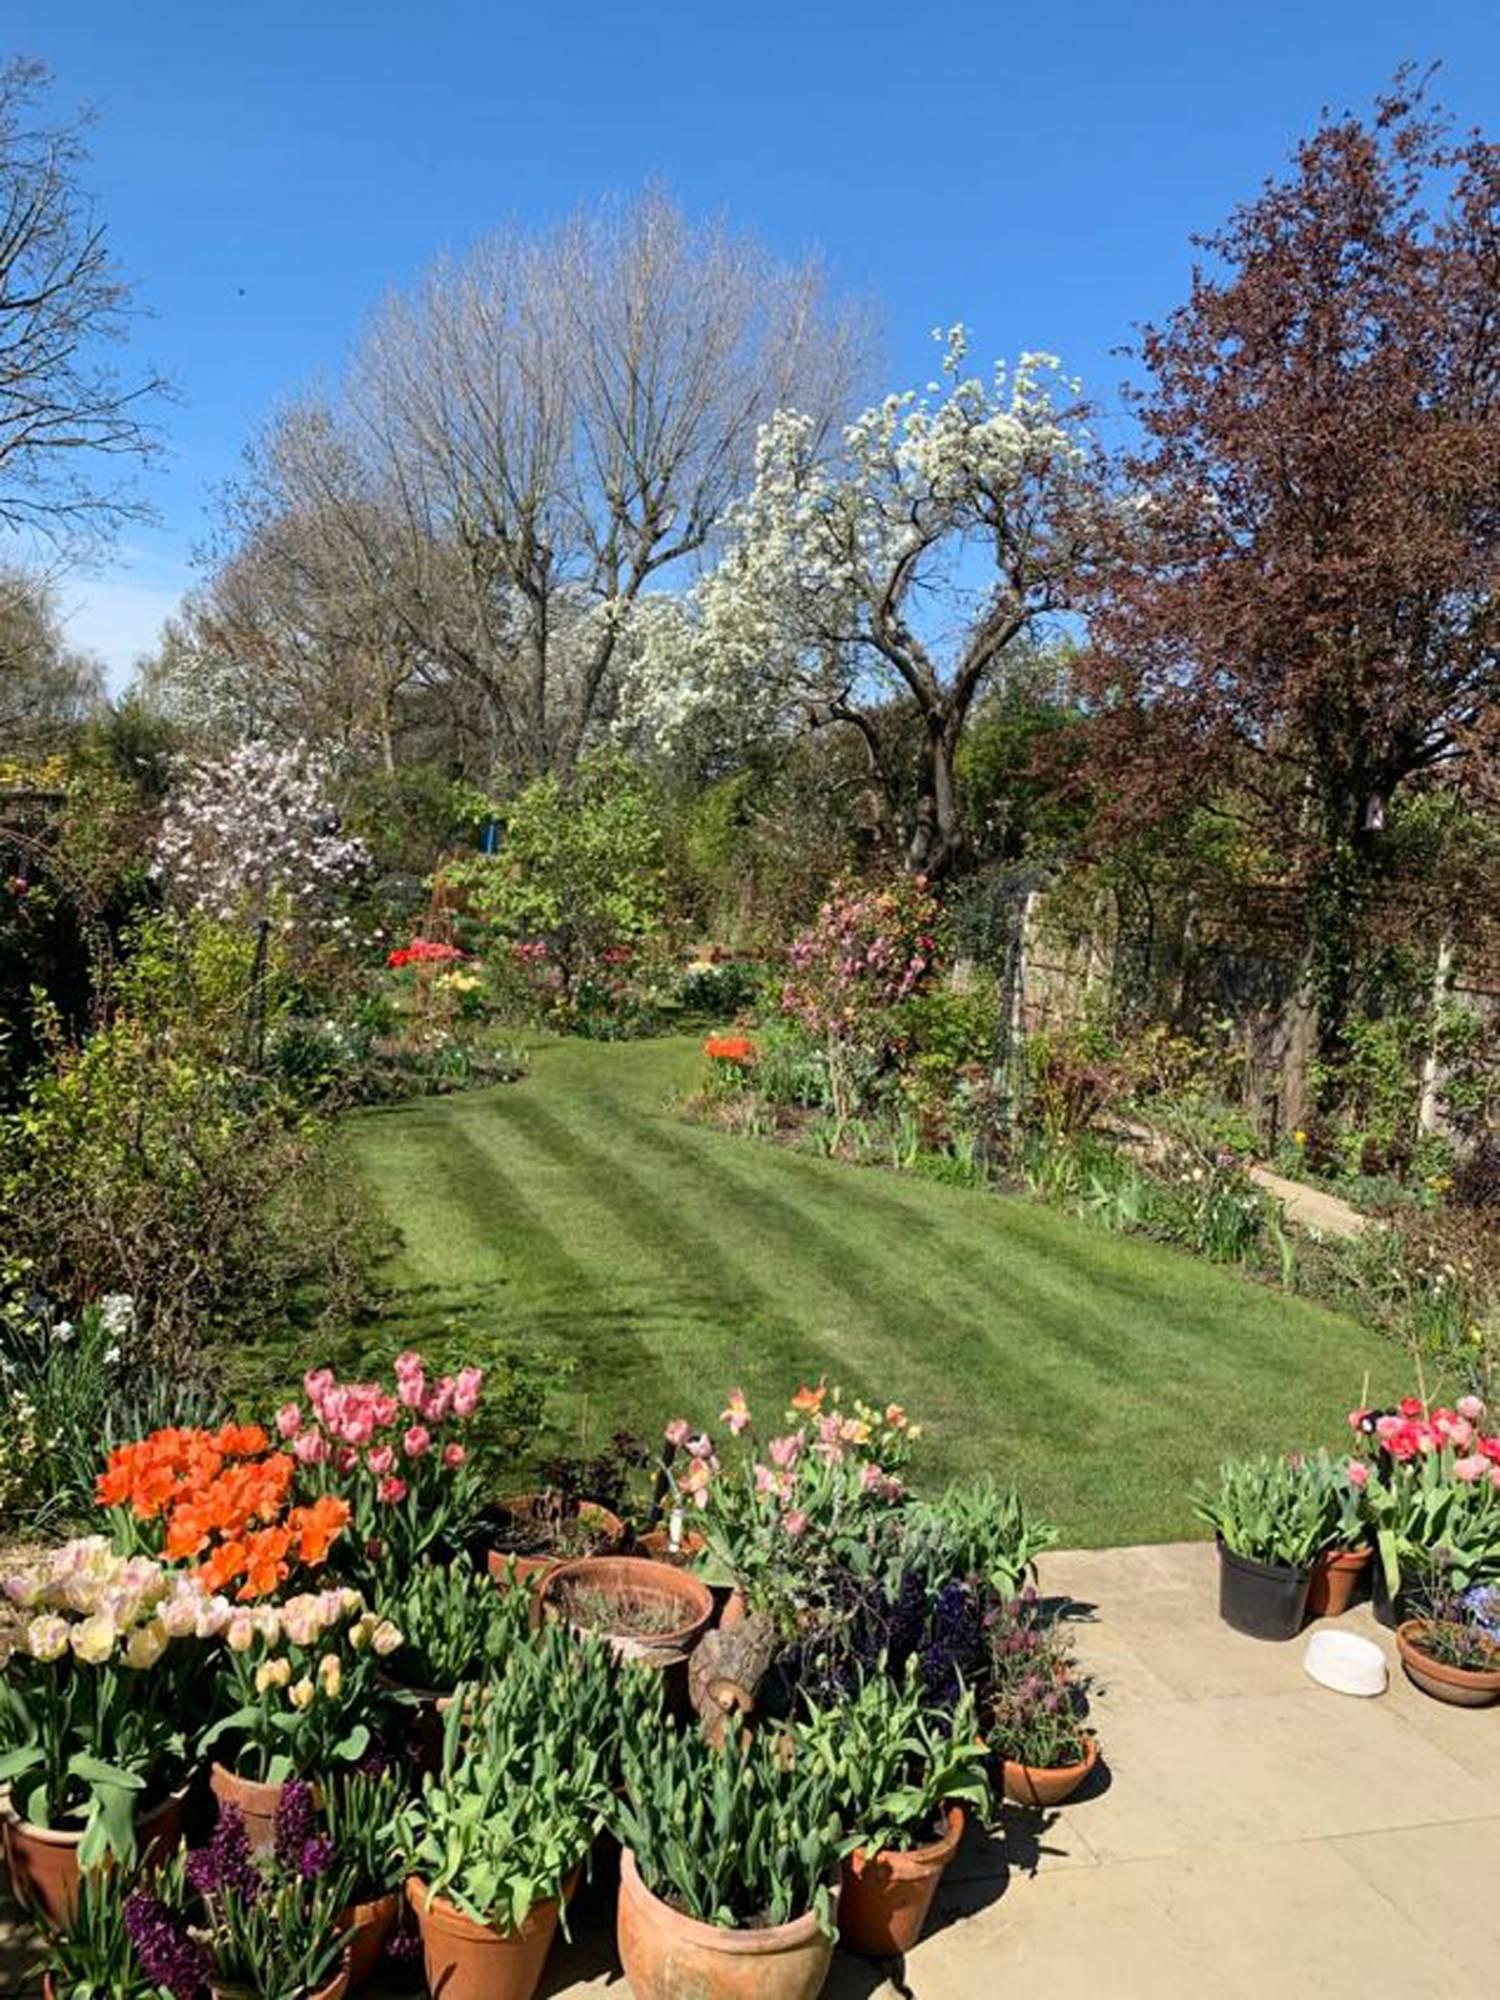 flores de jardin imagenes: Un jardinero inglés pasando la cuarentena 4